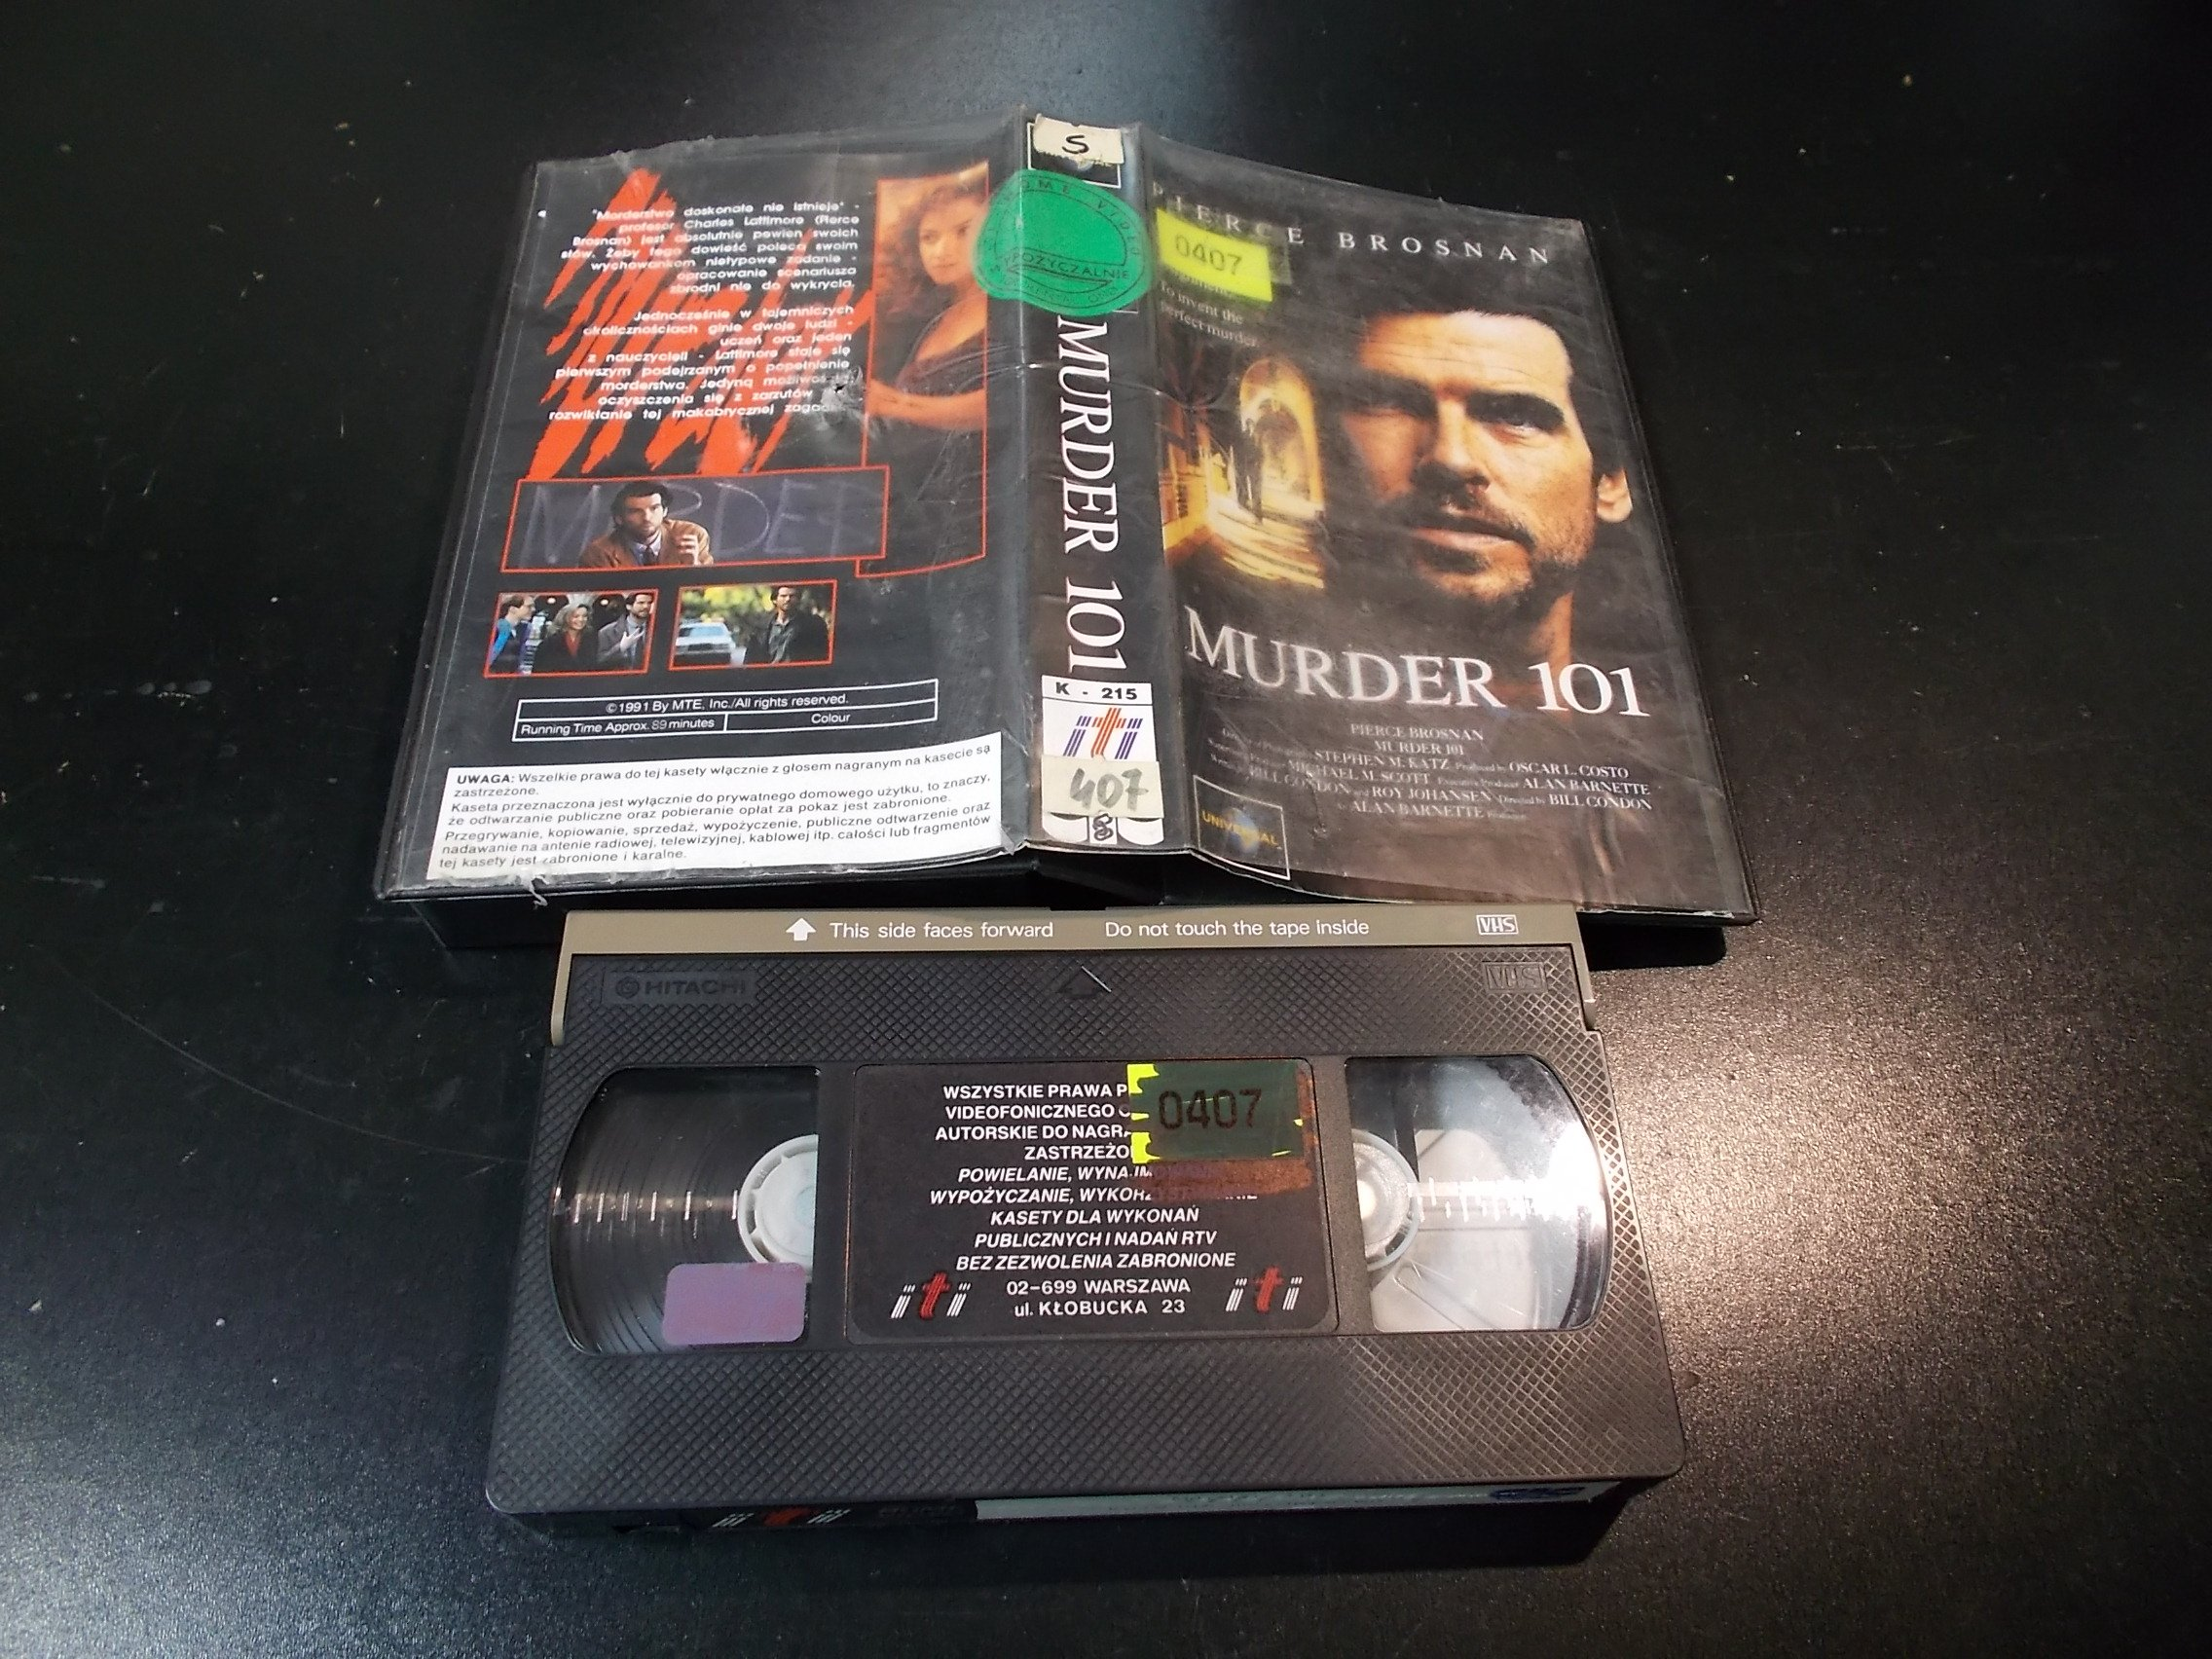 KOLEJNE MORDERSTWO - kaseta Video VHS - 1362 Sklep